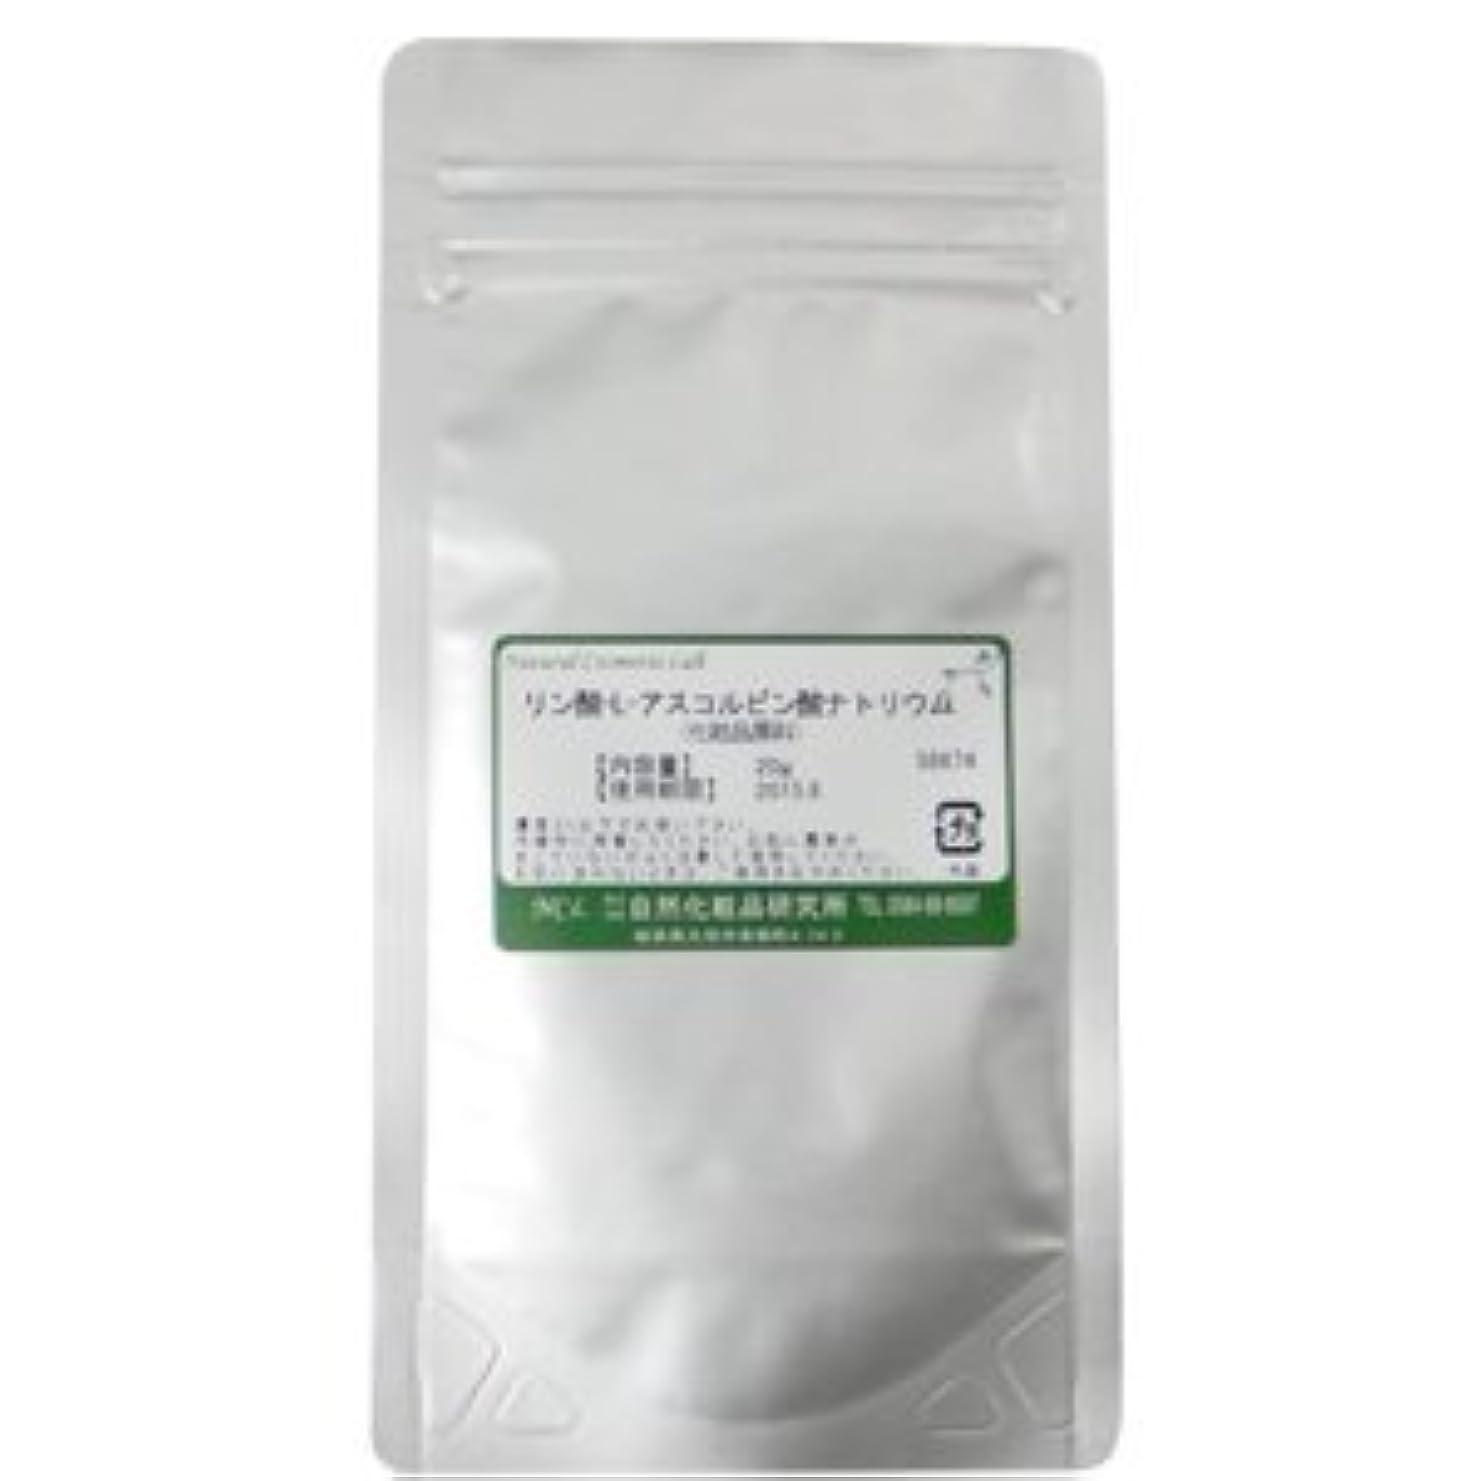 入射アリチャールズキージングビタミンC誘導体 リン酸-L-アスコルビン酸ナトリウム 化粧品原料 20g